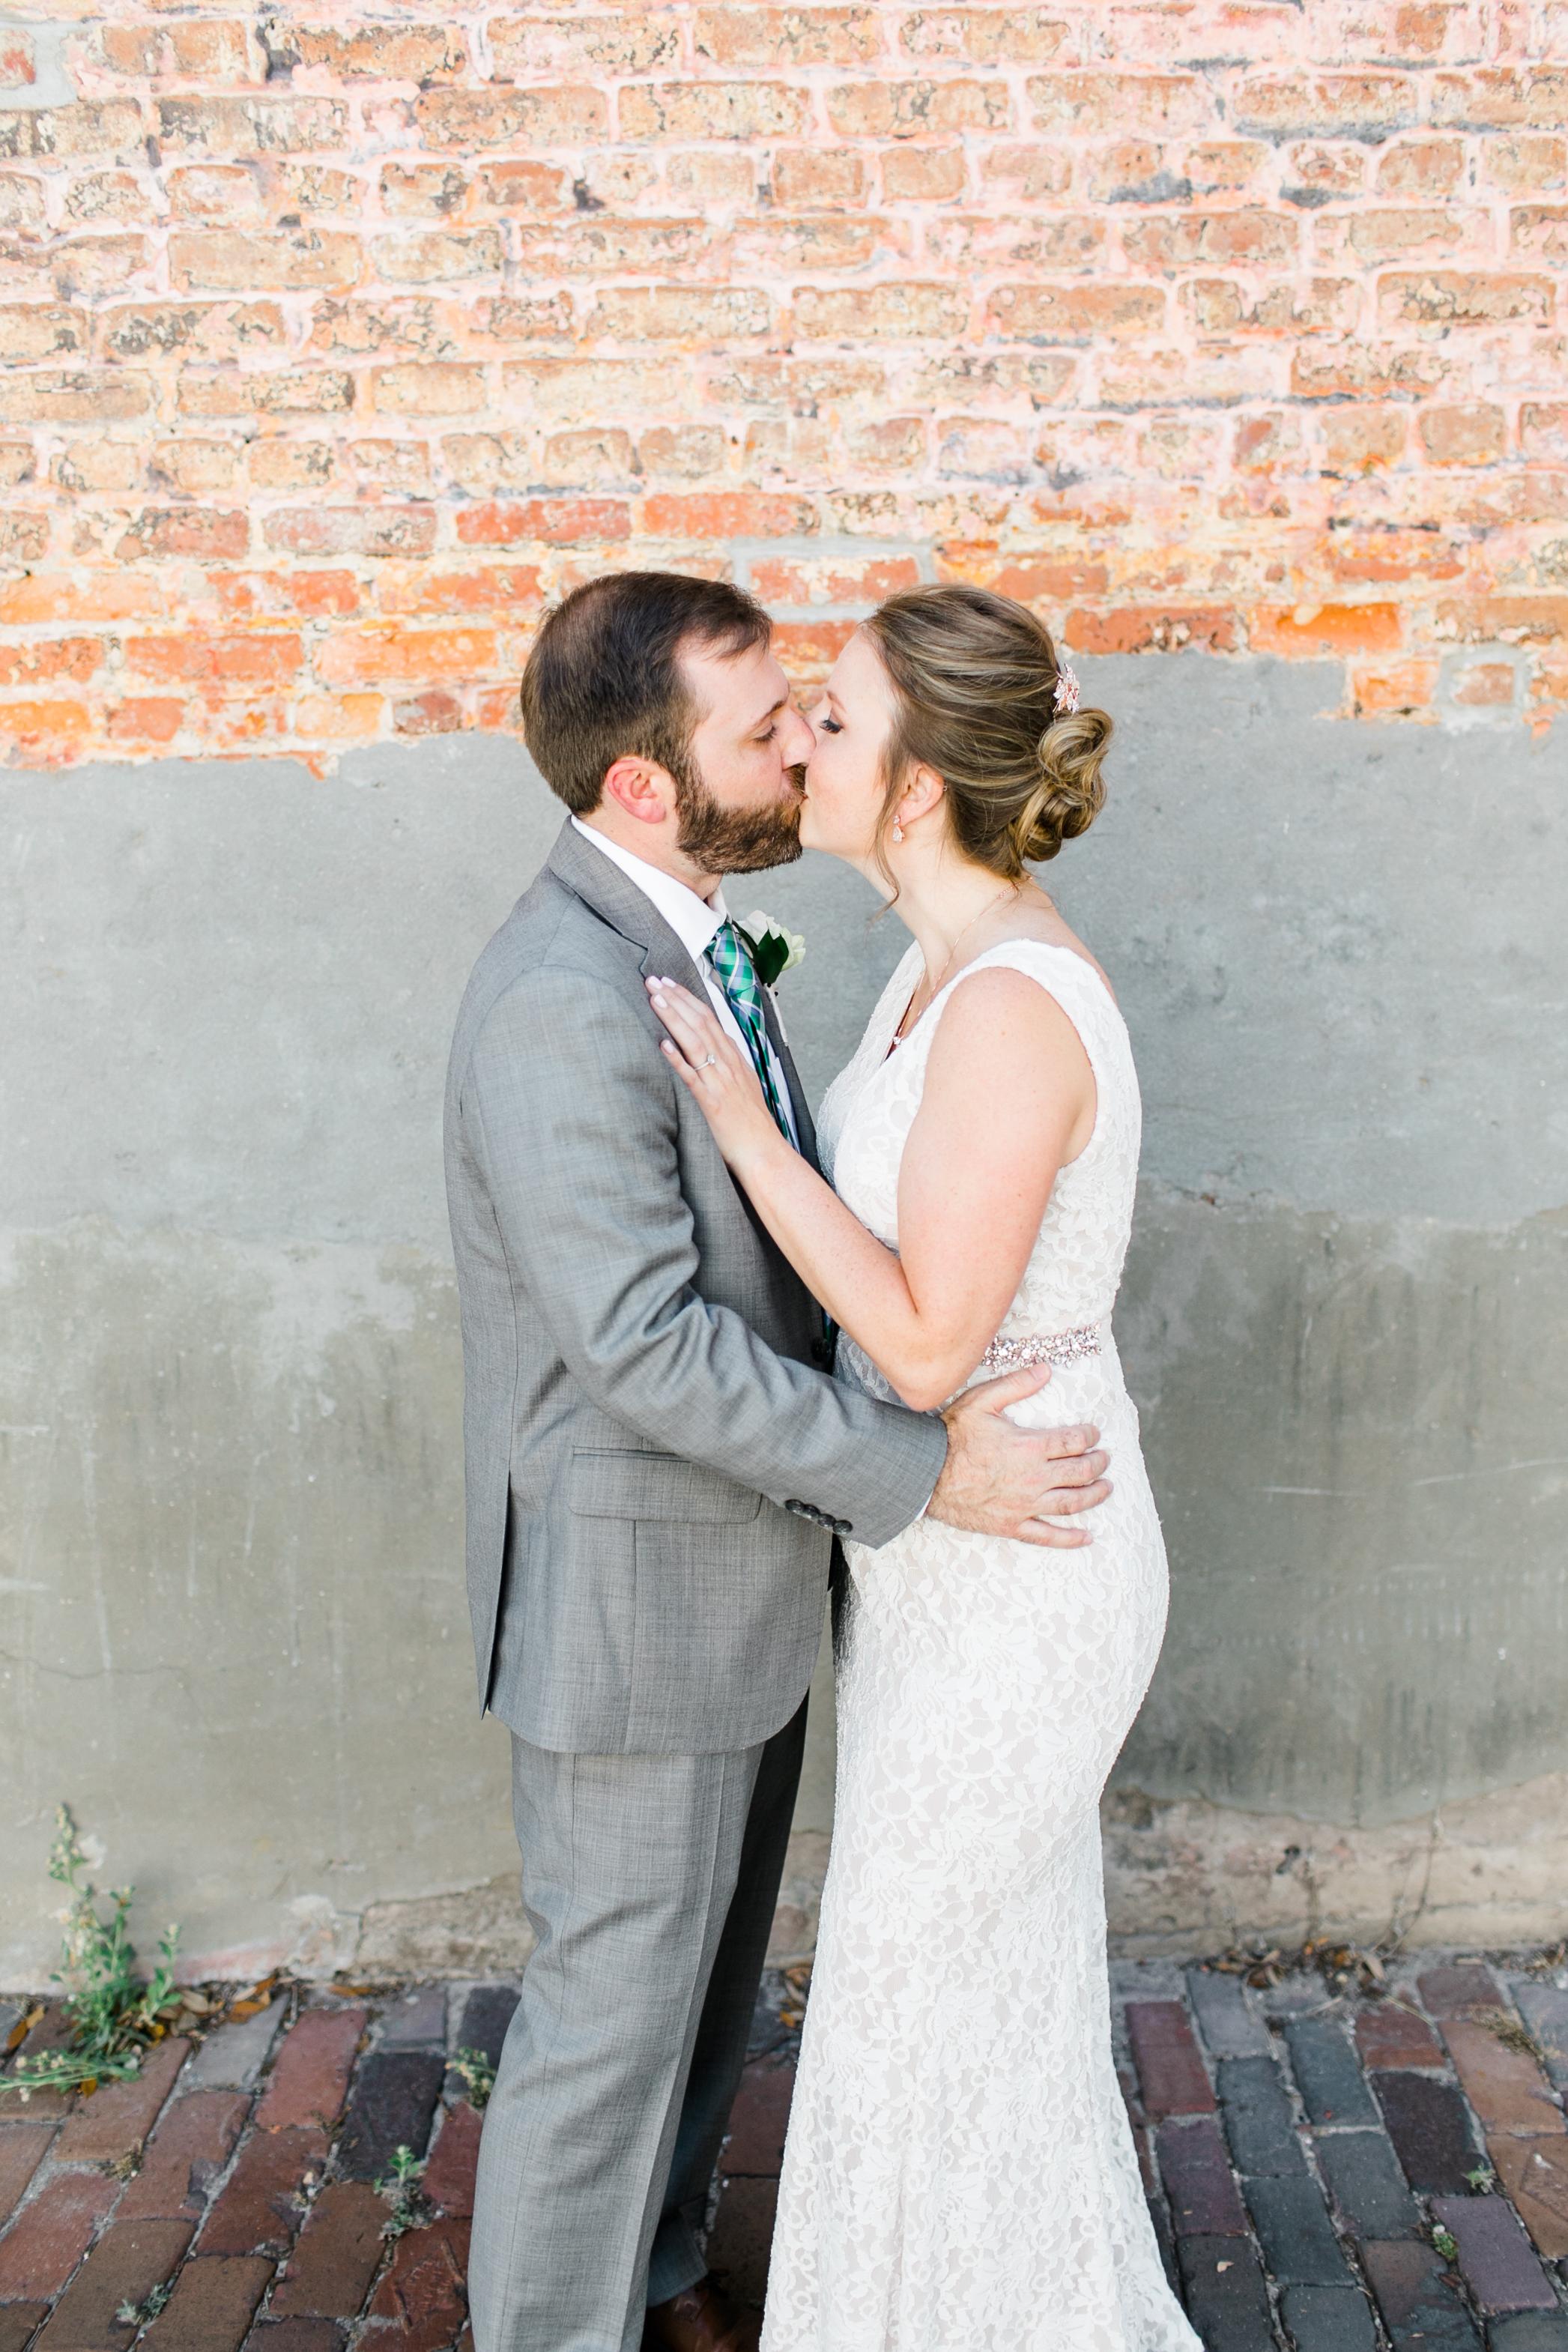 Jenny&Dustin_128South_ErinL.TaylorPhotography-181.jpg